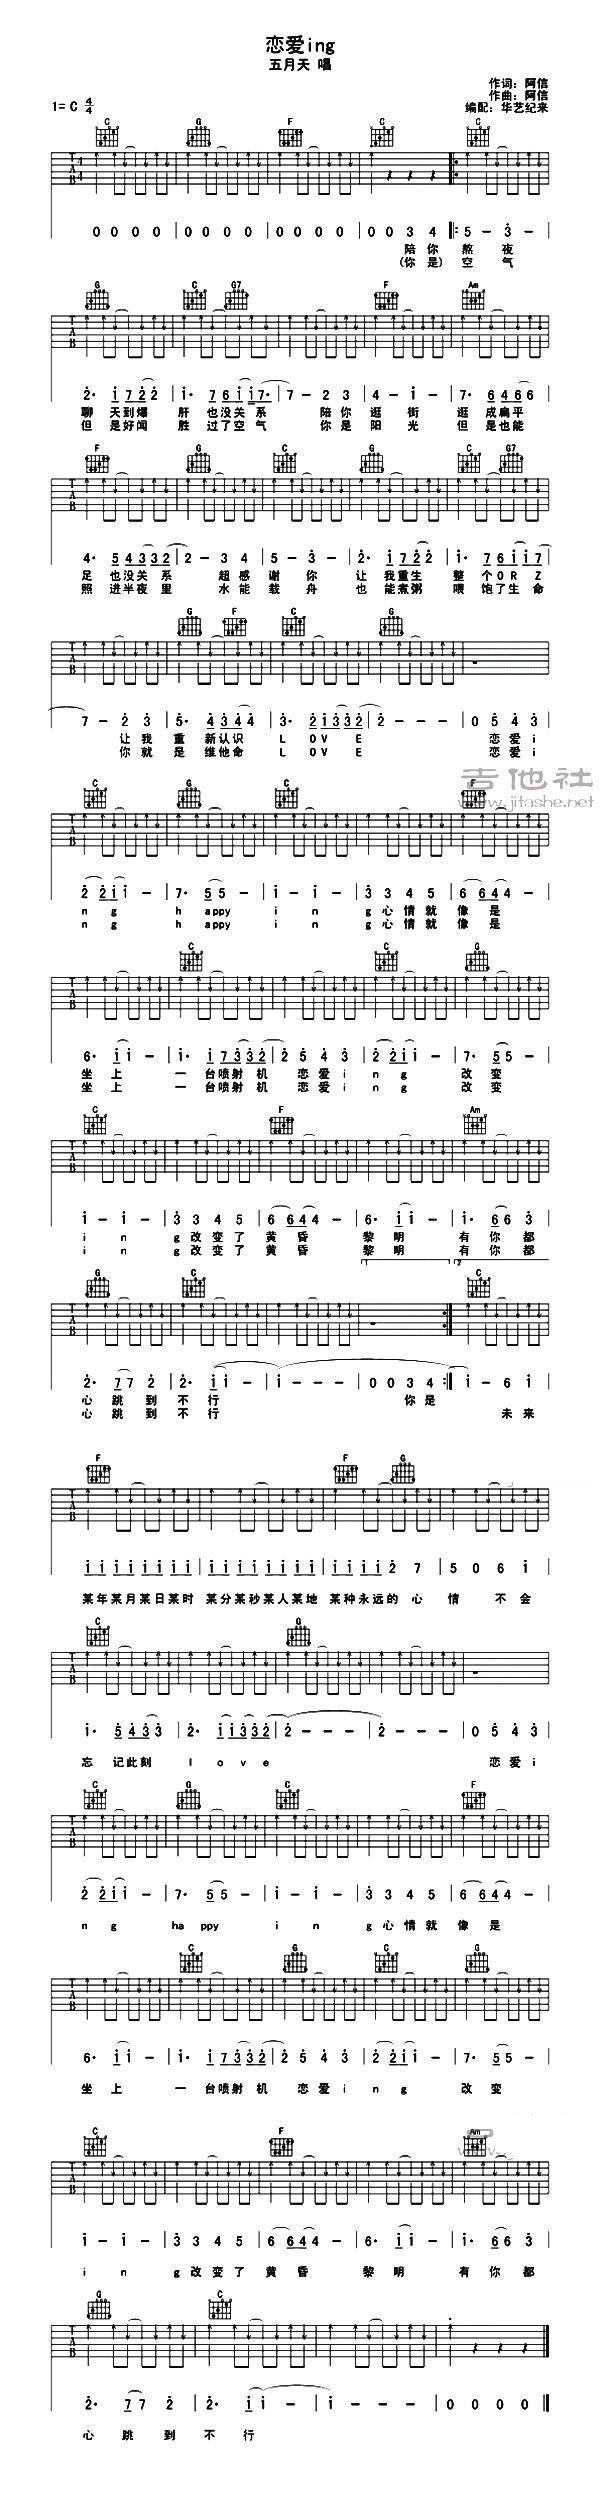 一站式吉他愛好者服務平臺